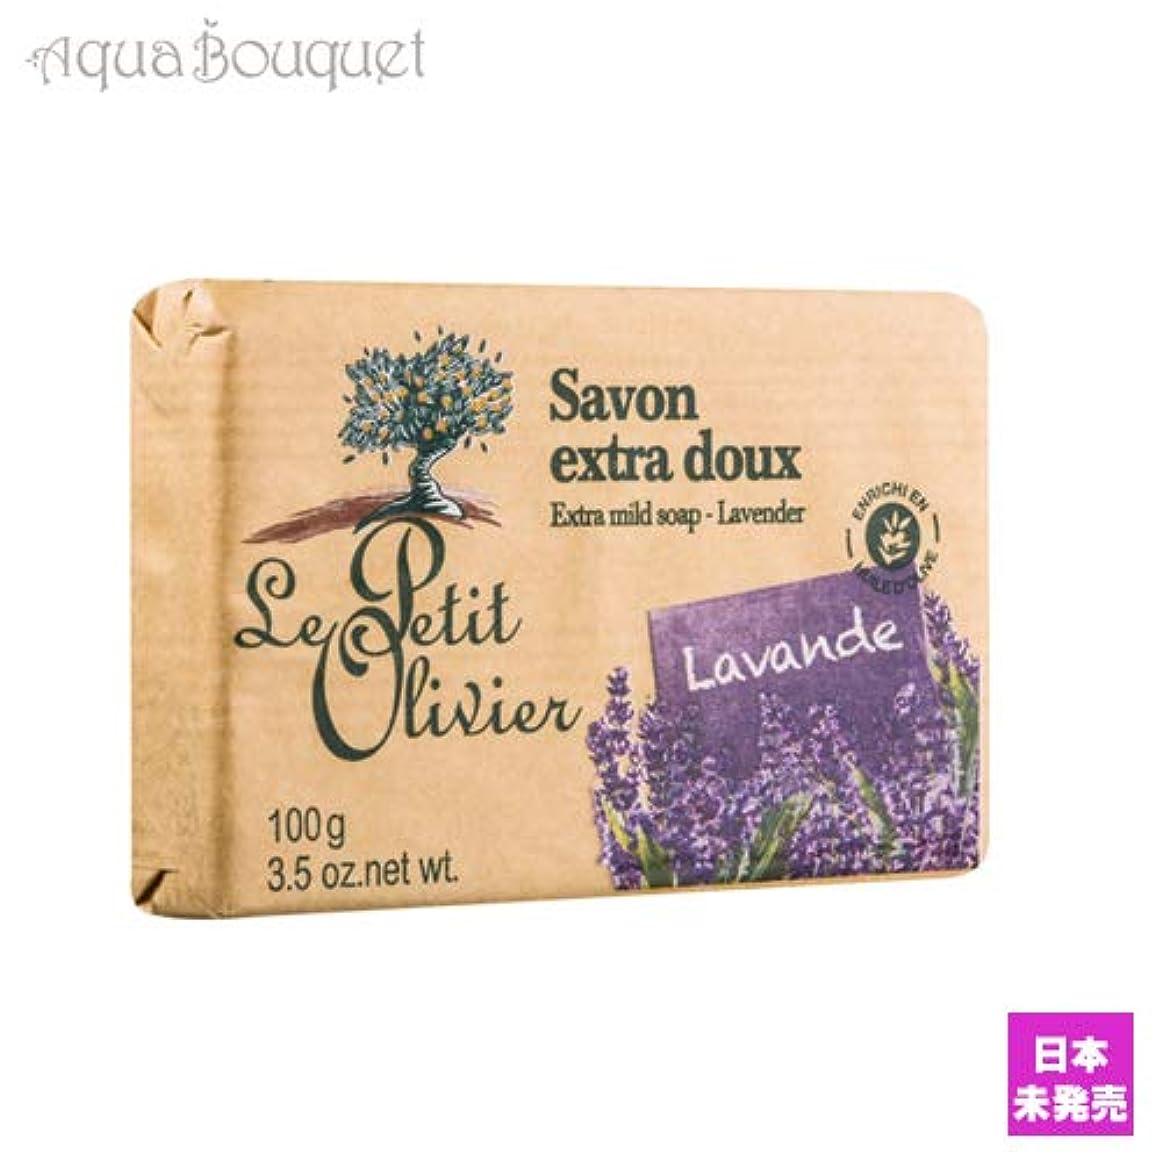 名義で一杯ソフトウェアル プティ オリヴィエ ラベンダー ソープ 100g LE PETIT OLIVIER SOAP LAVENDER [5325] [並行輸入品]